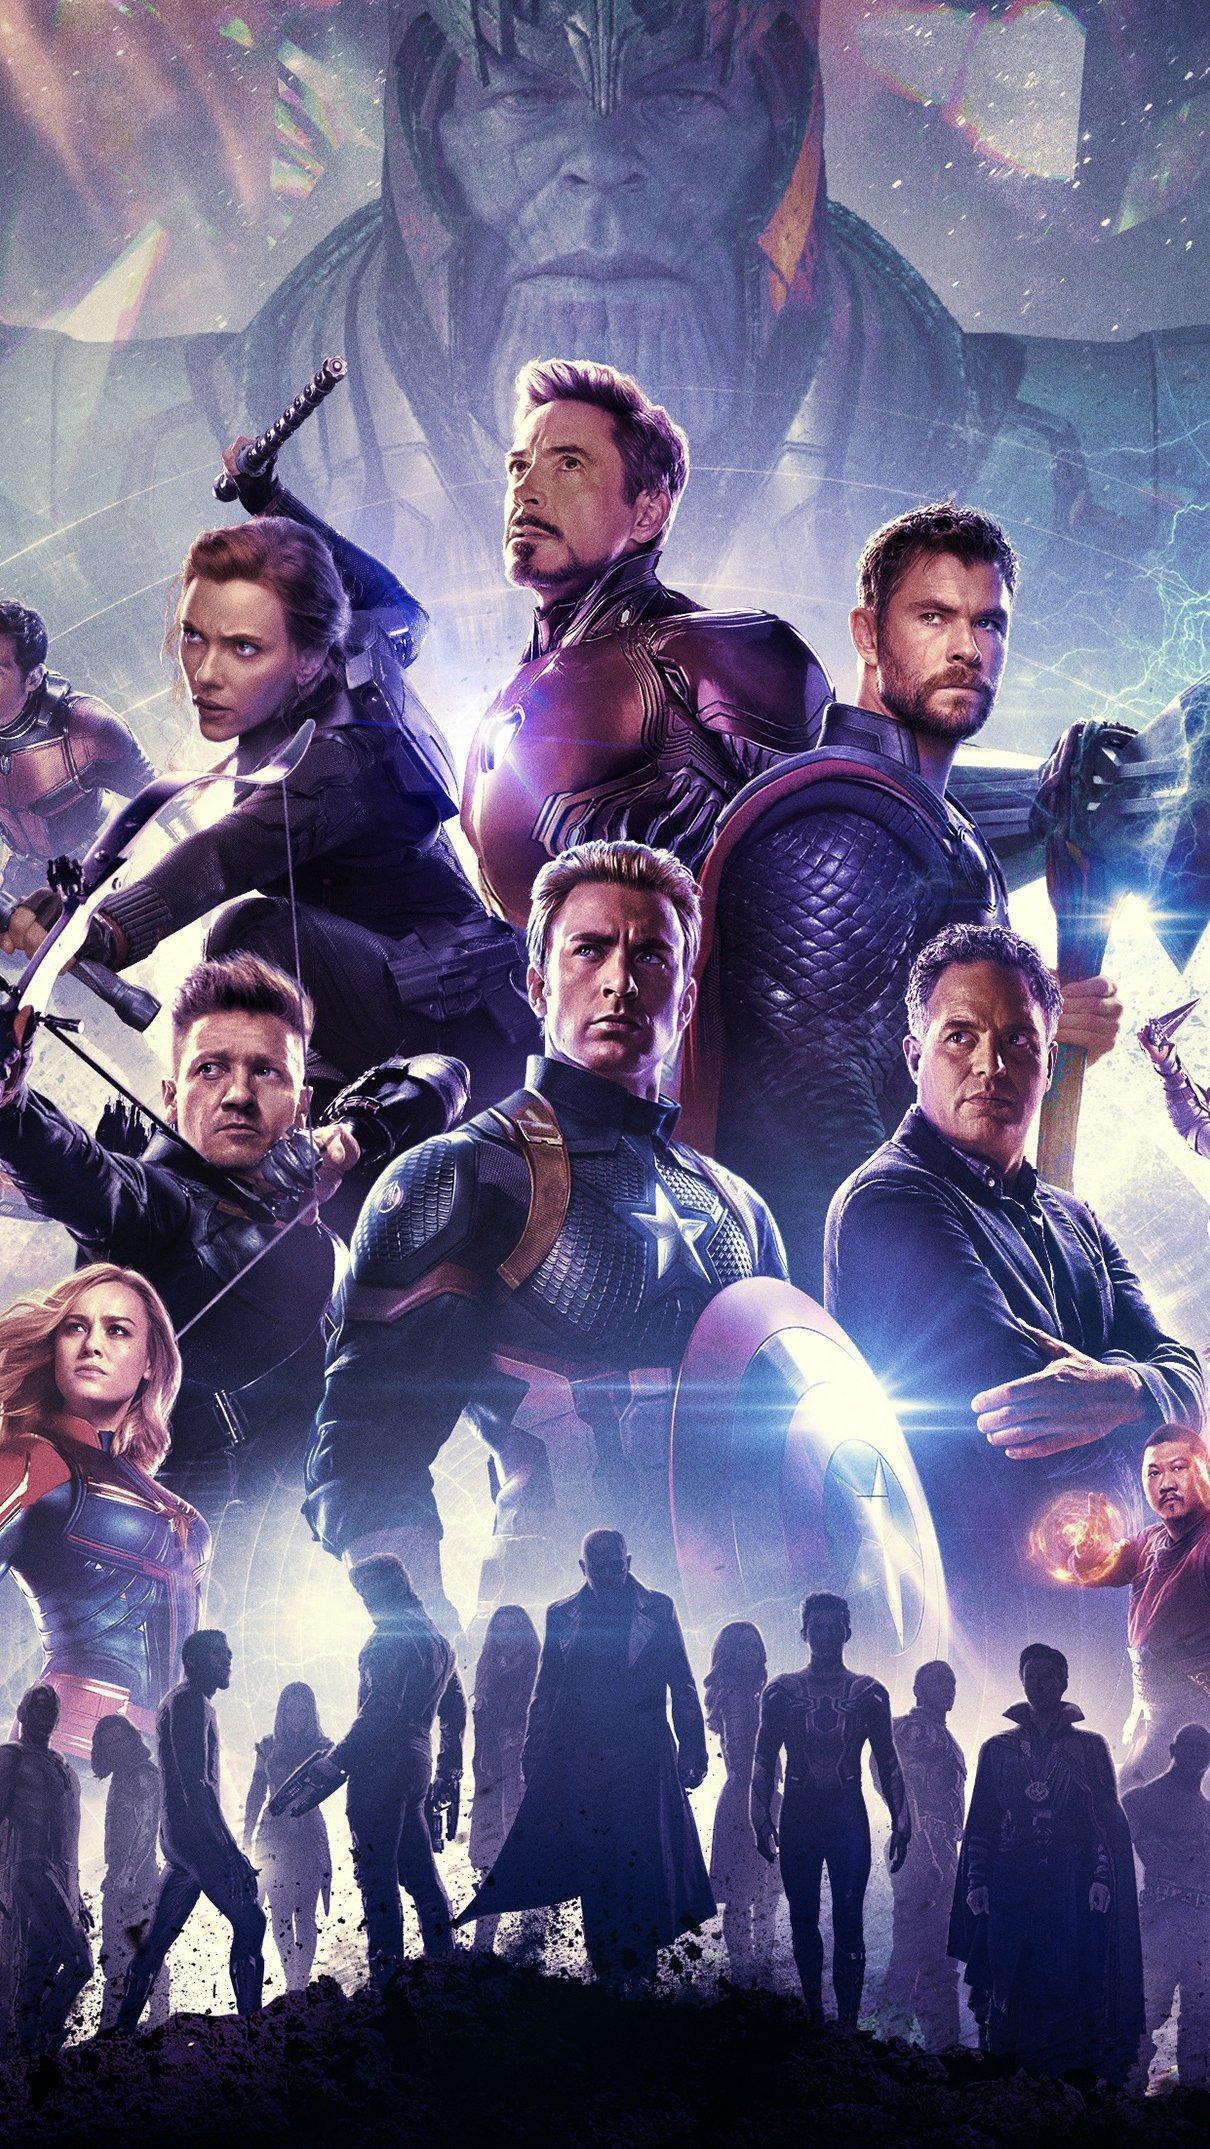 Wallpaper Marvel Universe Avengers Endgame Vertical